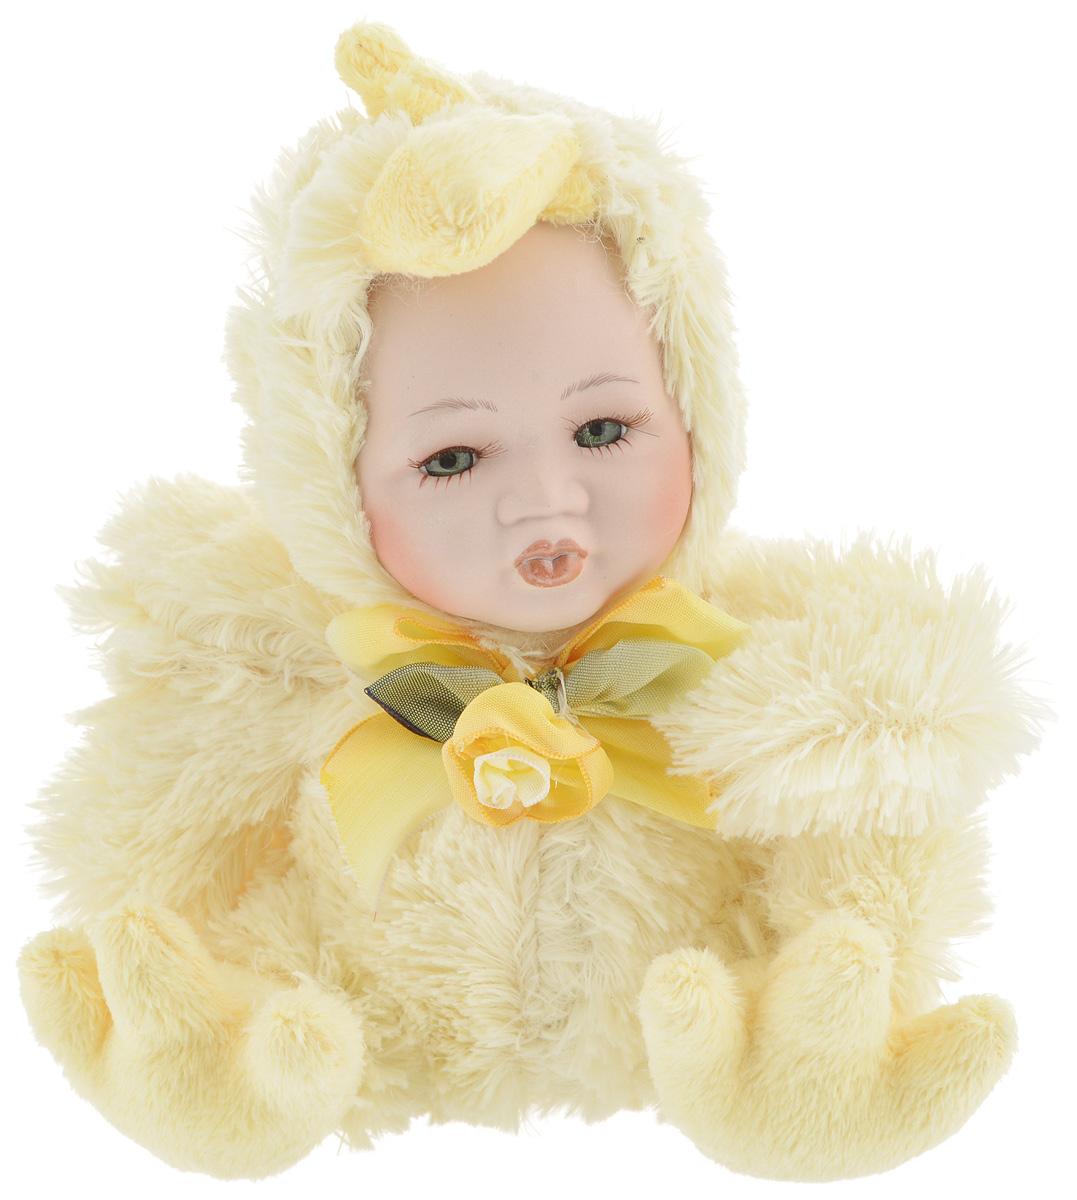 Фигурка новогодняя ESTRO Ребенок в костюме цыпленка, цвет: желтый, высота 17 смC21-108053Декоративная фигурка Ребенок в костюме цыпленка изготовлена из высококачественных материалов в оригинальном стиле. Фигурка выполнена в виде ребенка в костюме цыпленка. Уютная и милая интерьерная игрушка предназначена для взрослых и детей, для игр и украшения новогодней елки, да и просто, для создания праздничной атмосферы в интерьере! Фигурка прекрасно украсит ваш дом к празднику, а в остальные дни с ней с удовольствием будут играть дети. Оригинальный дизайн и красочное исполнение создадут праздничное настроение. Фигурка создана вручную, неповторима и оригинальна. Порадуйте своих друзей и близких этим замечательным подарком!